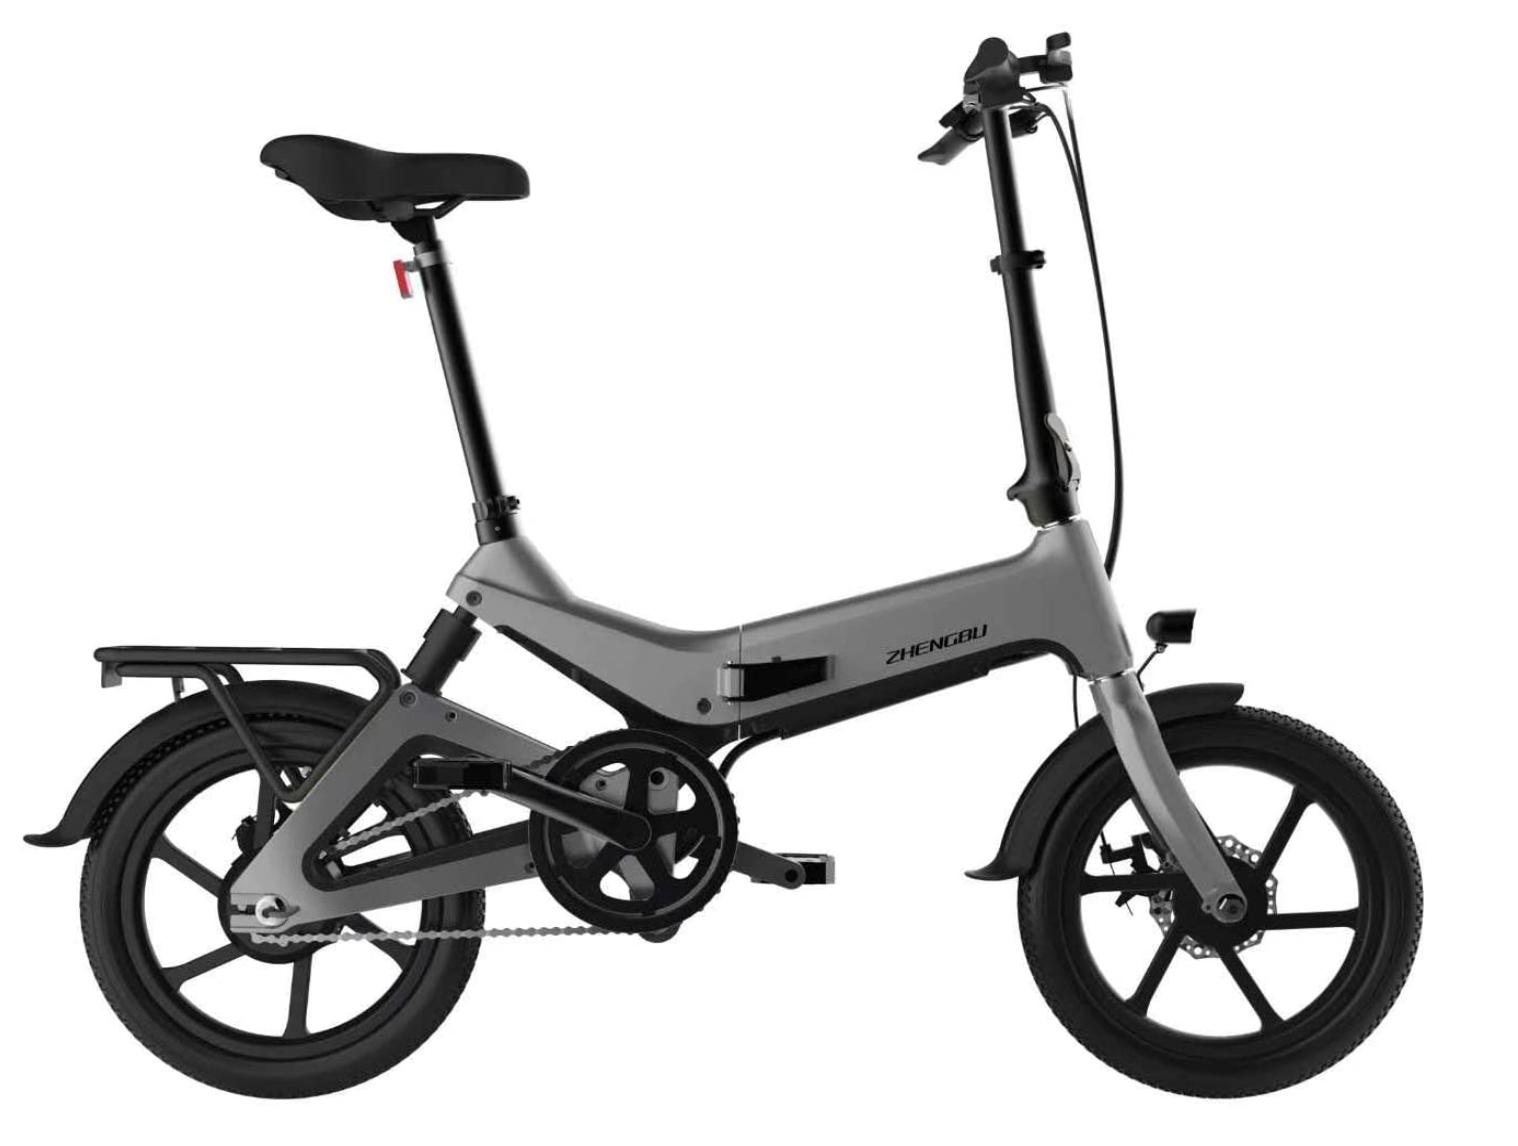 NAKXUS 電動アシスト自転車 折り畳みハイブリッド